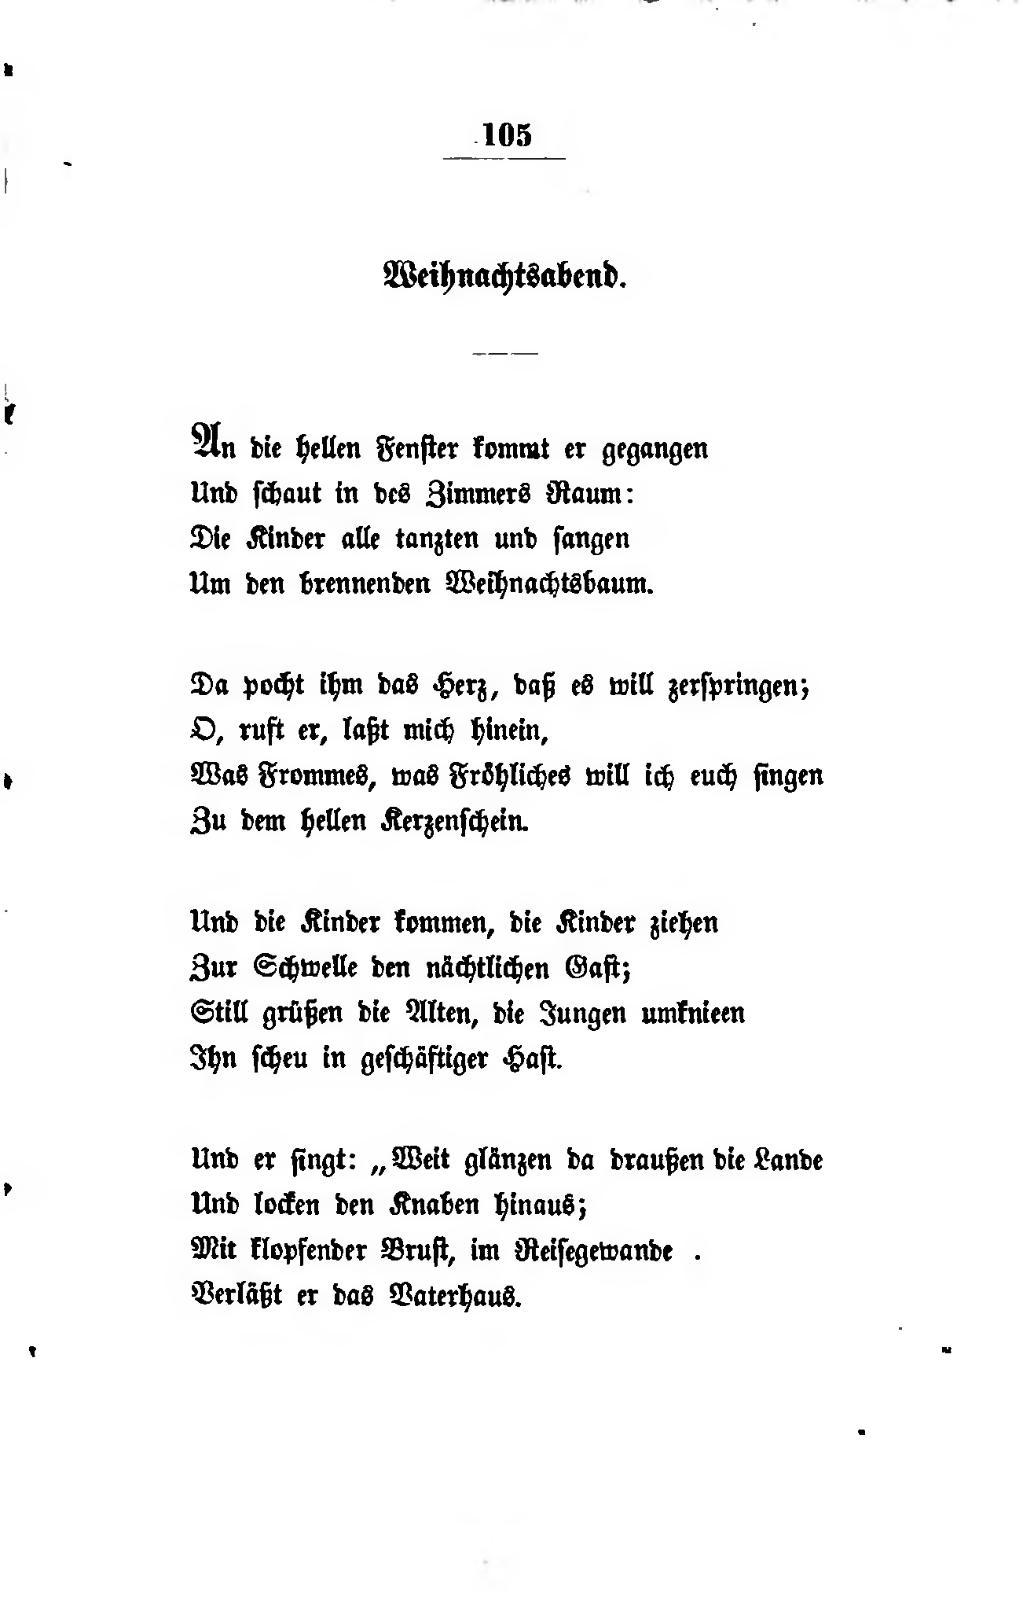 Seite Theodor Storm Sommergeschichten Und Lieder Djvu 113 Wikisource